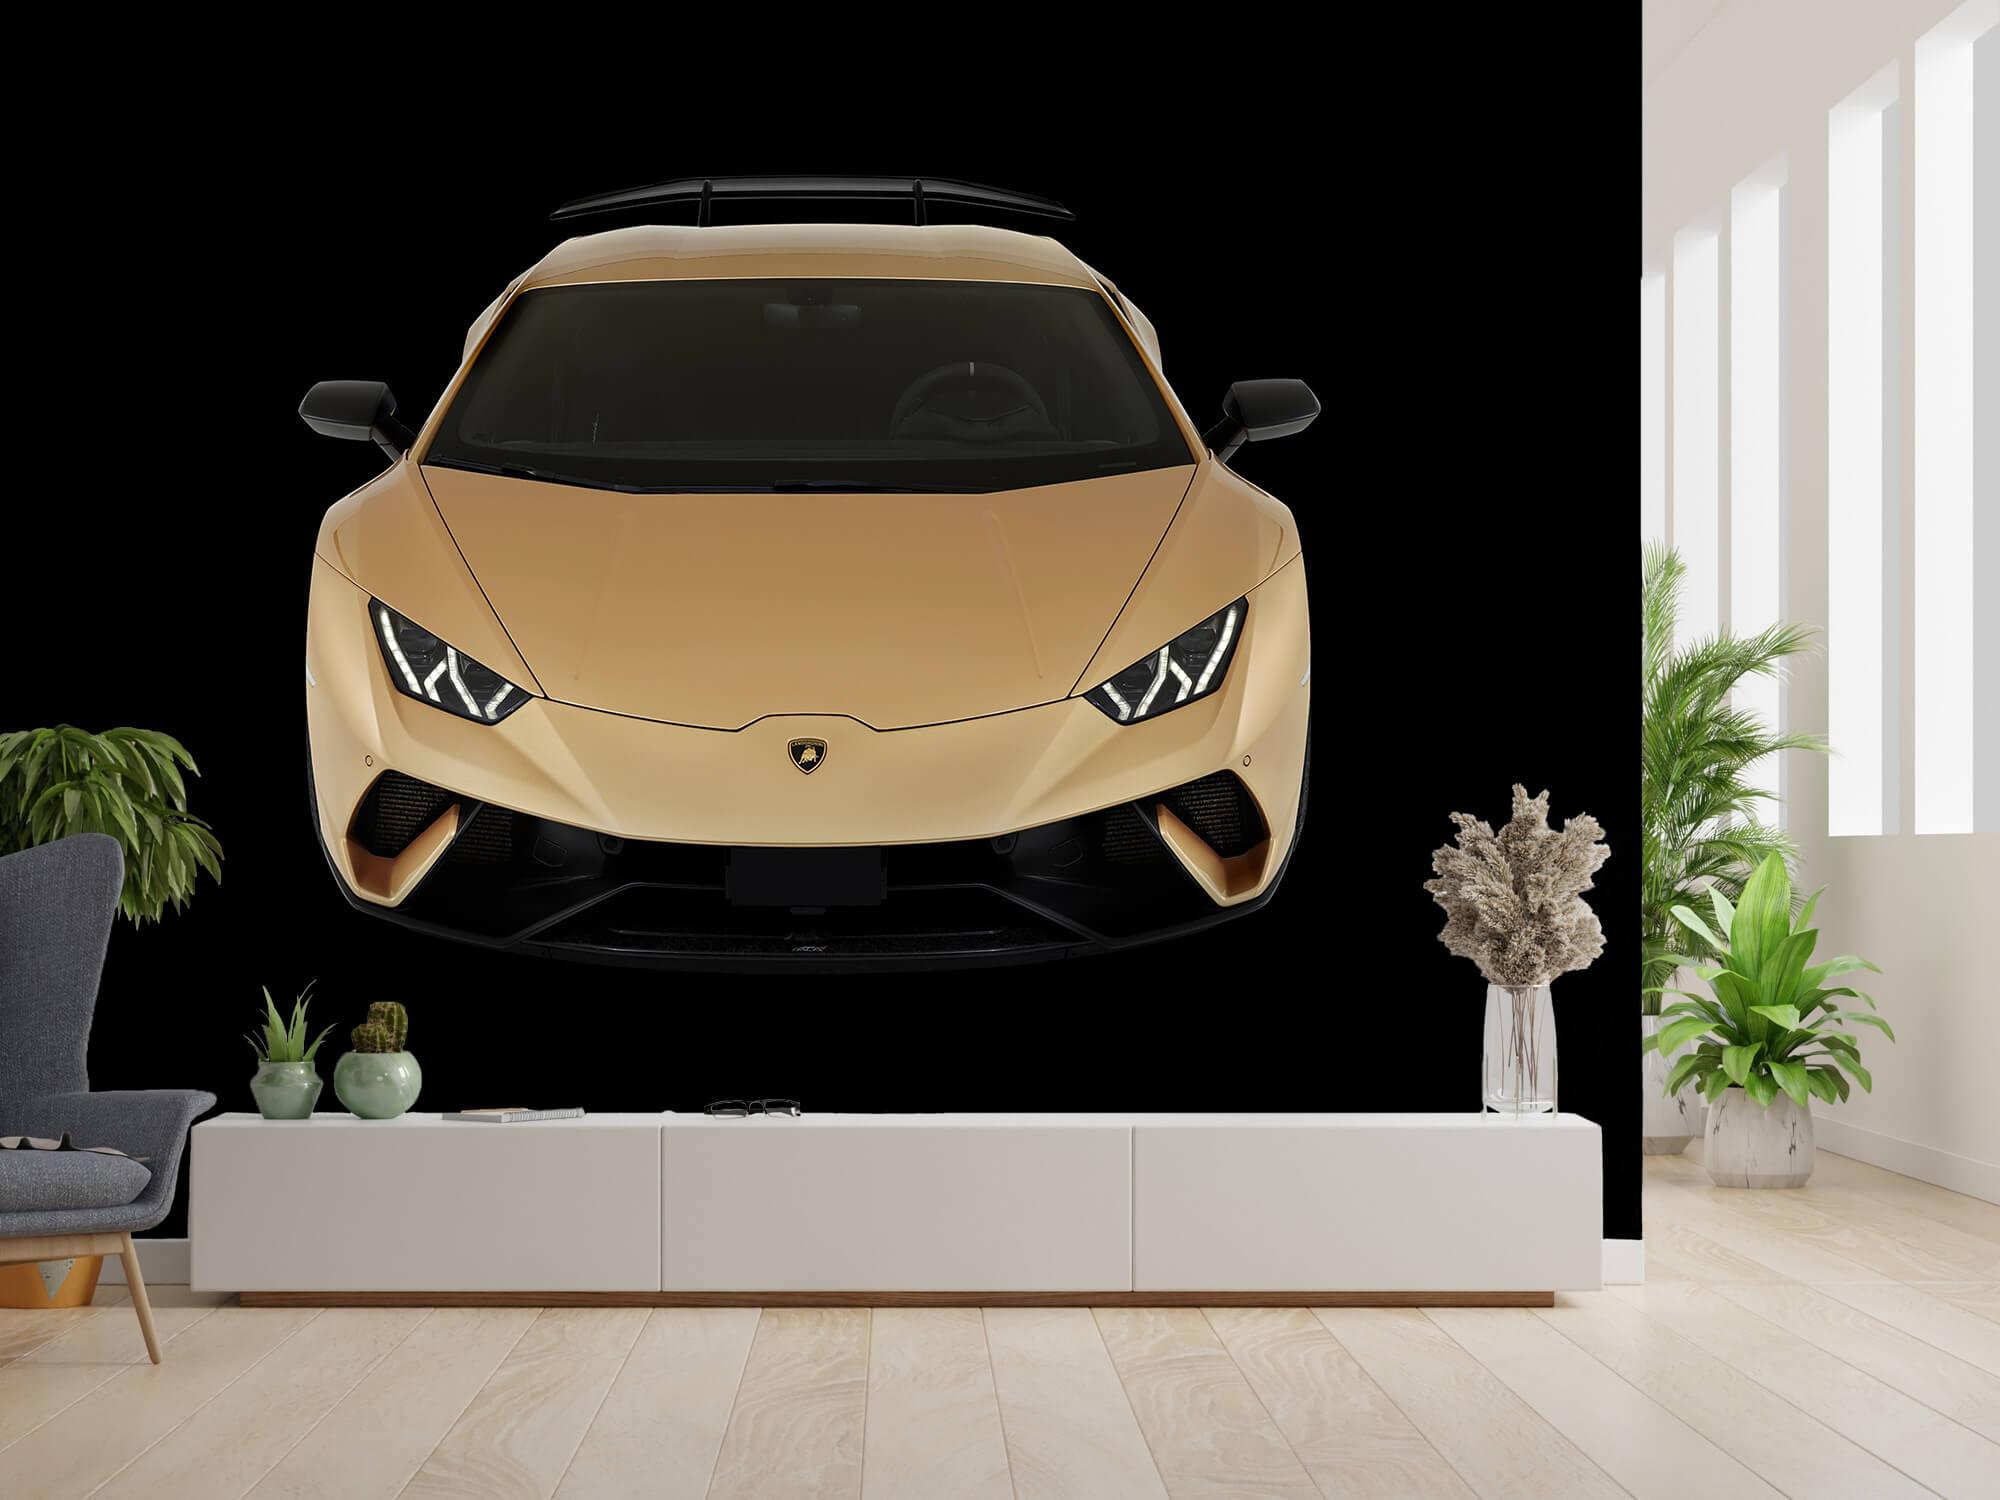 Wallpaper Lamborghini Huracán - Framifrån uppifrån, svart 14